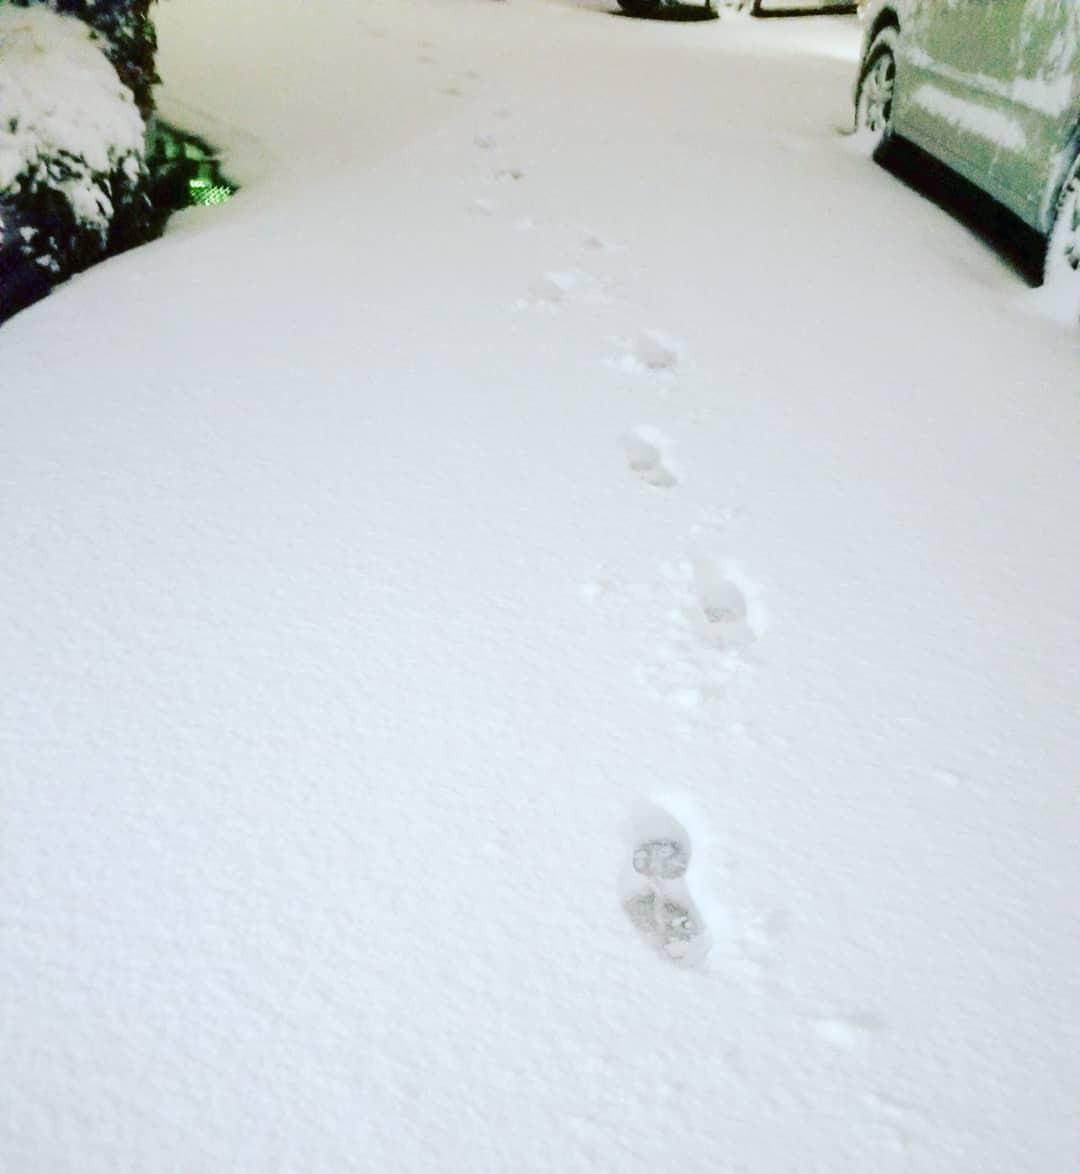 全然気付いてなかったけど、千葉県北西部でも雪ヤバいのね。